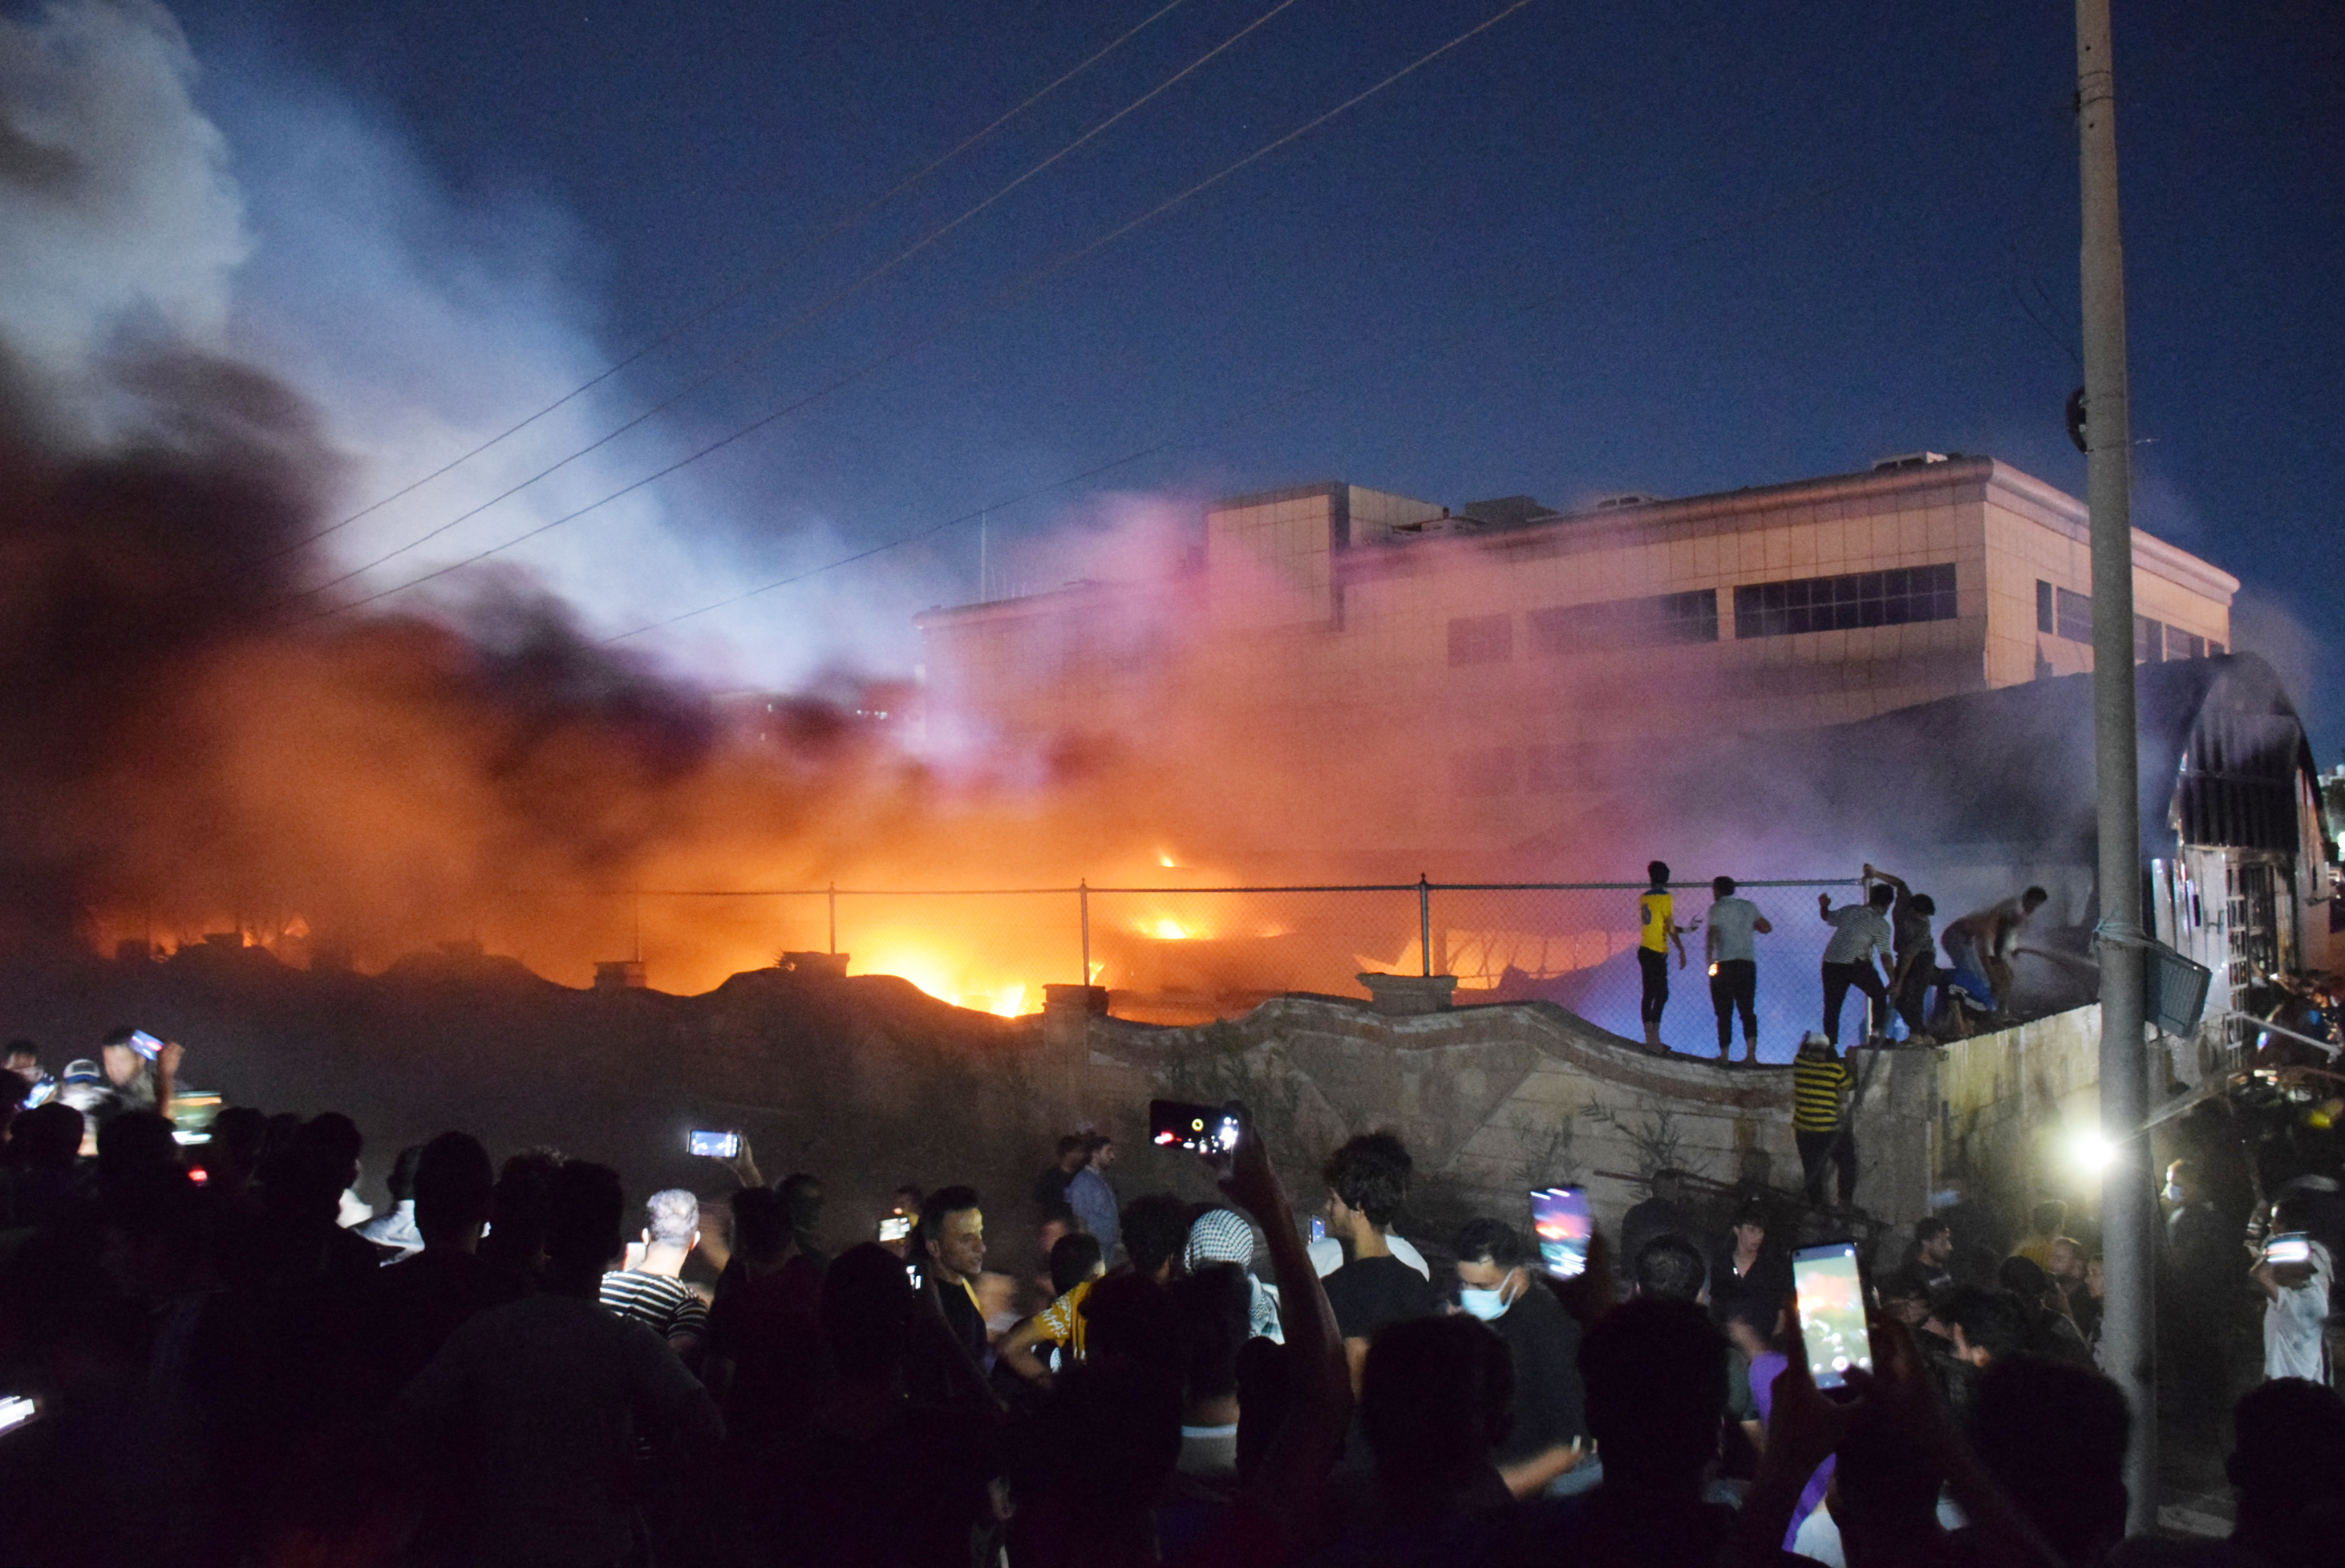 Legalább 50 ember meghalt egy iraki kórháztűzben